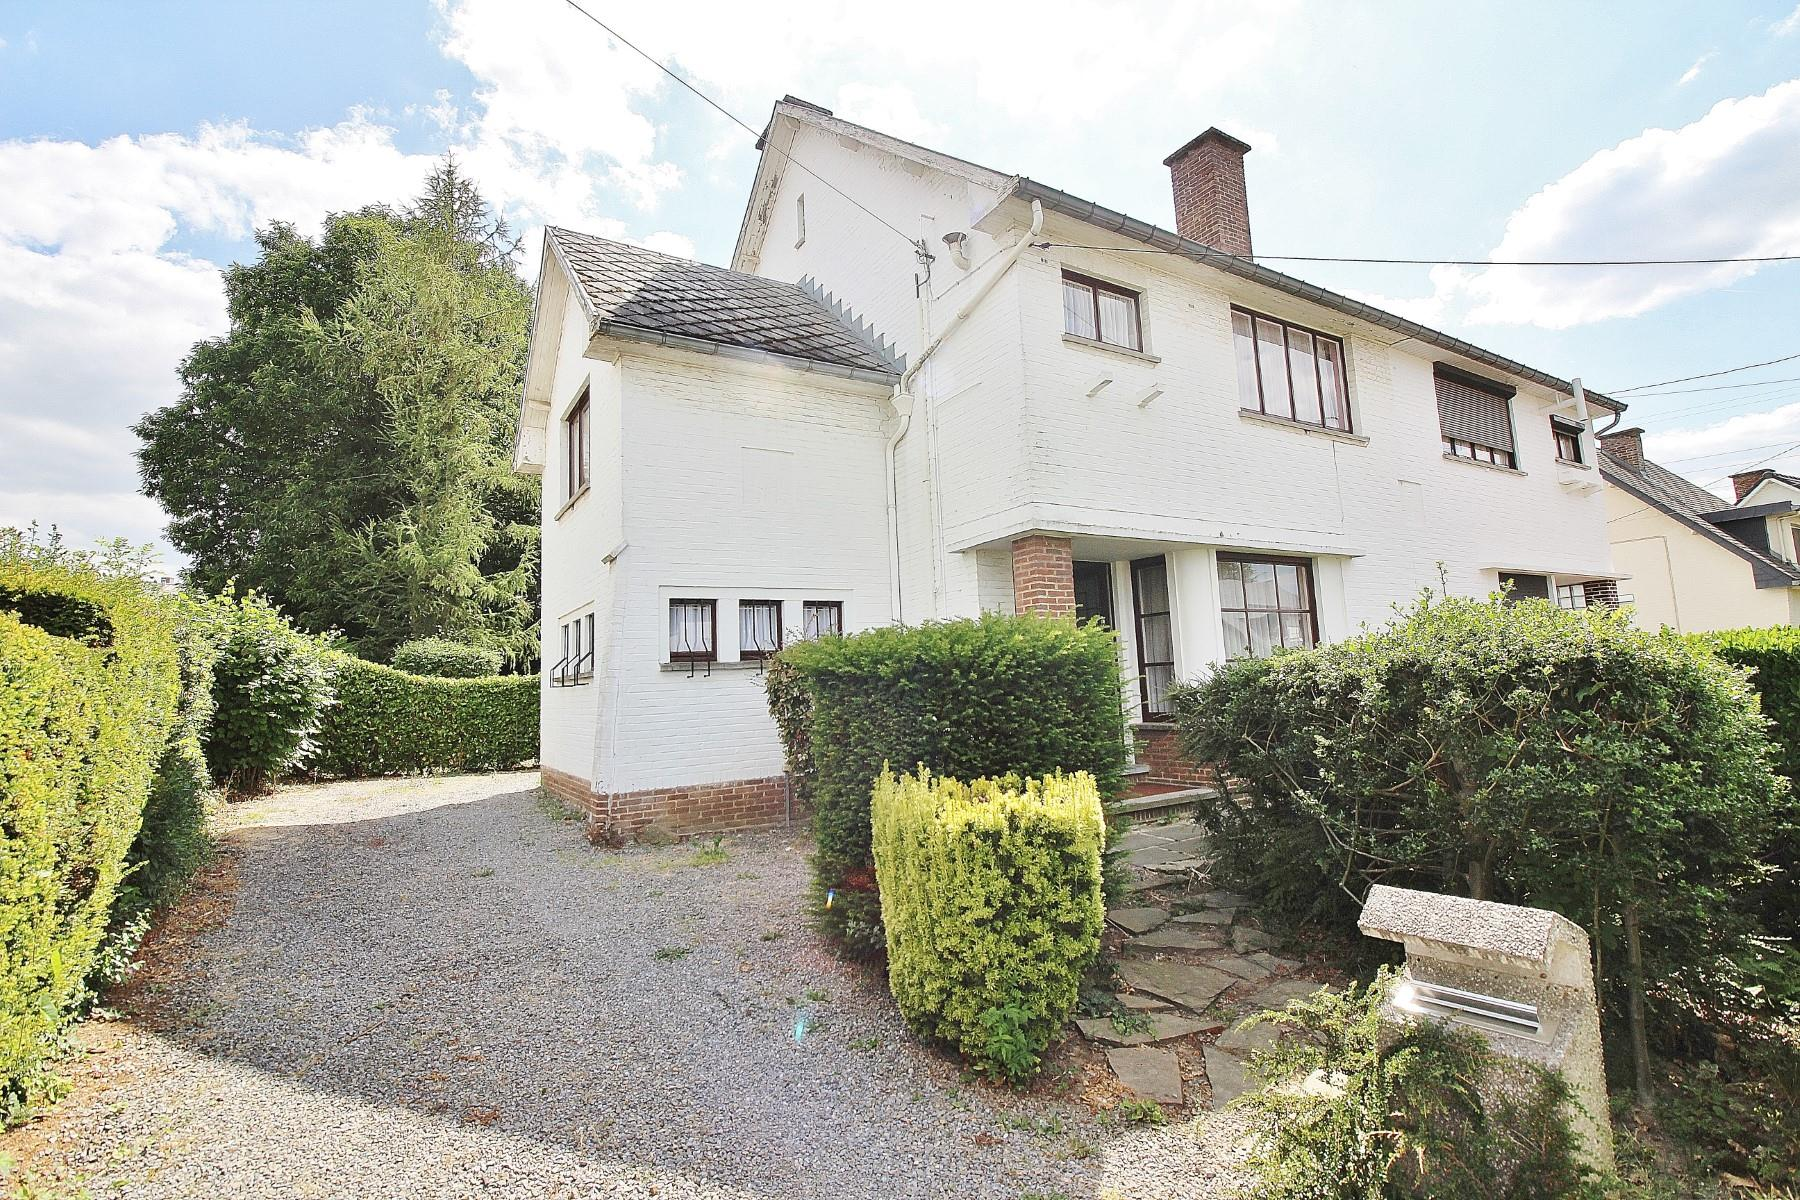 Maison - Liège Grivegnée - #3512436-0